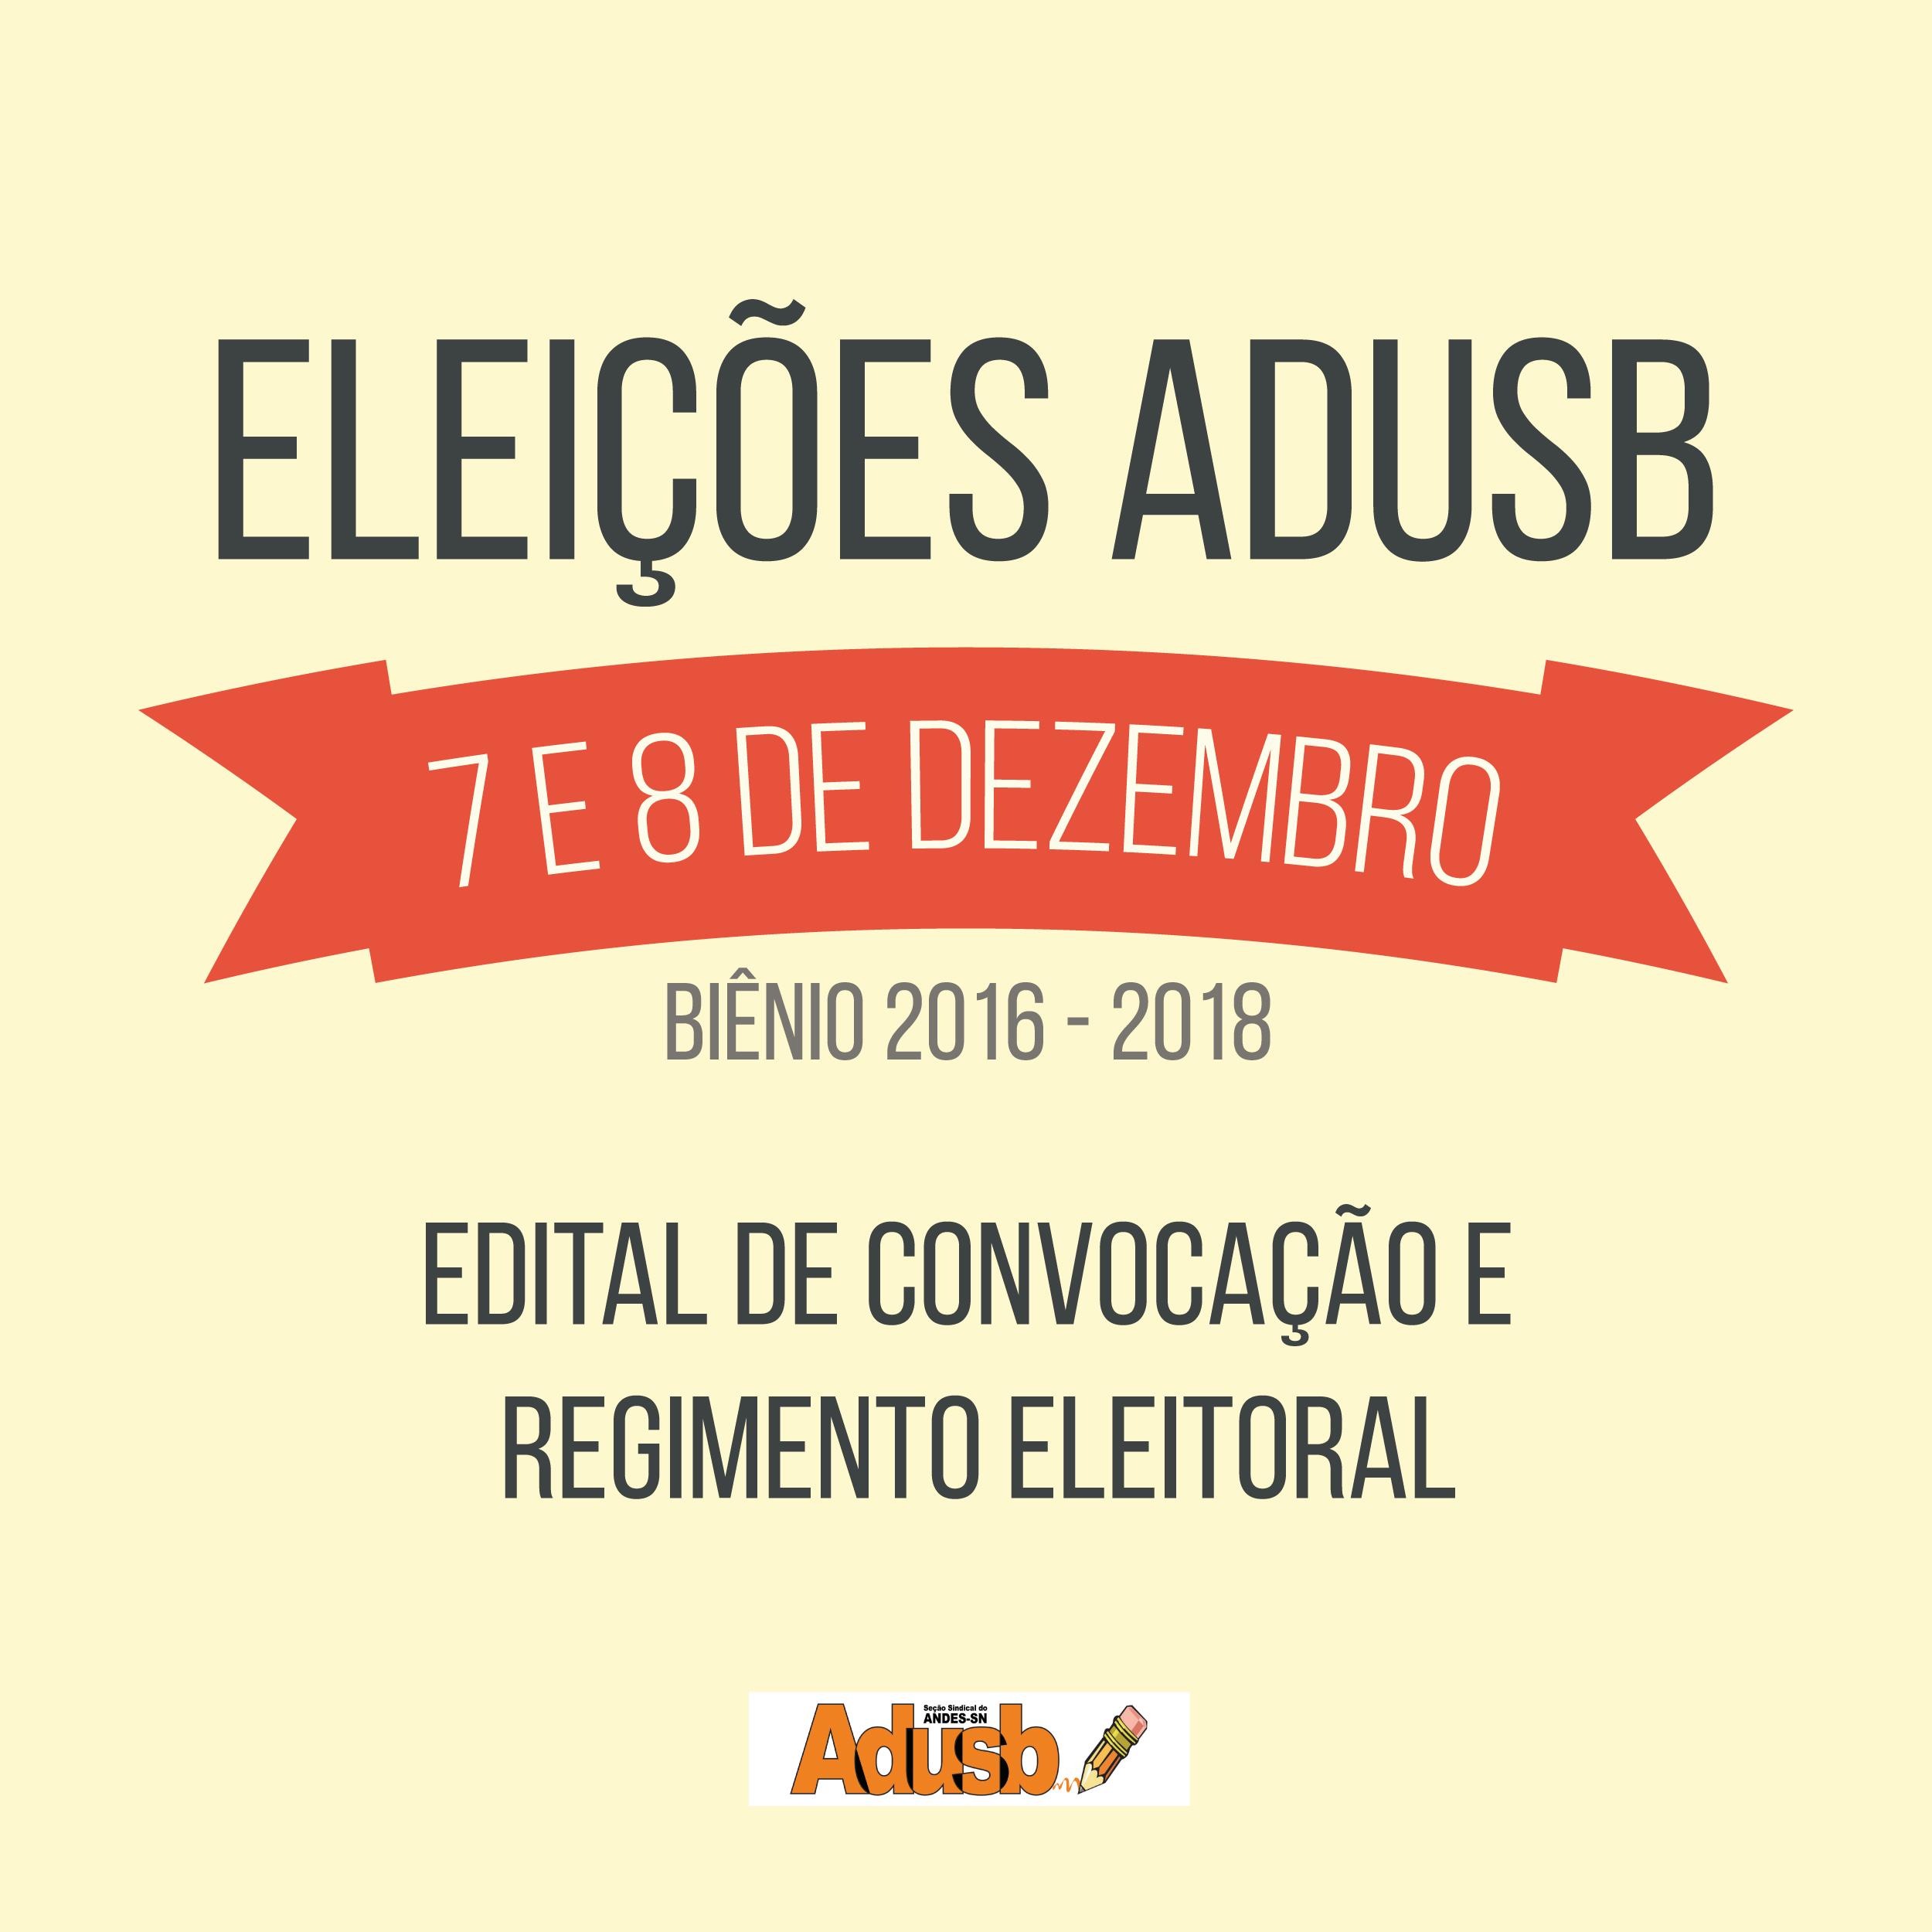 Eleições ADUSB: Edital de convocação e regimento são aprovados por assembleia